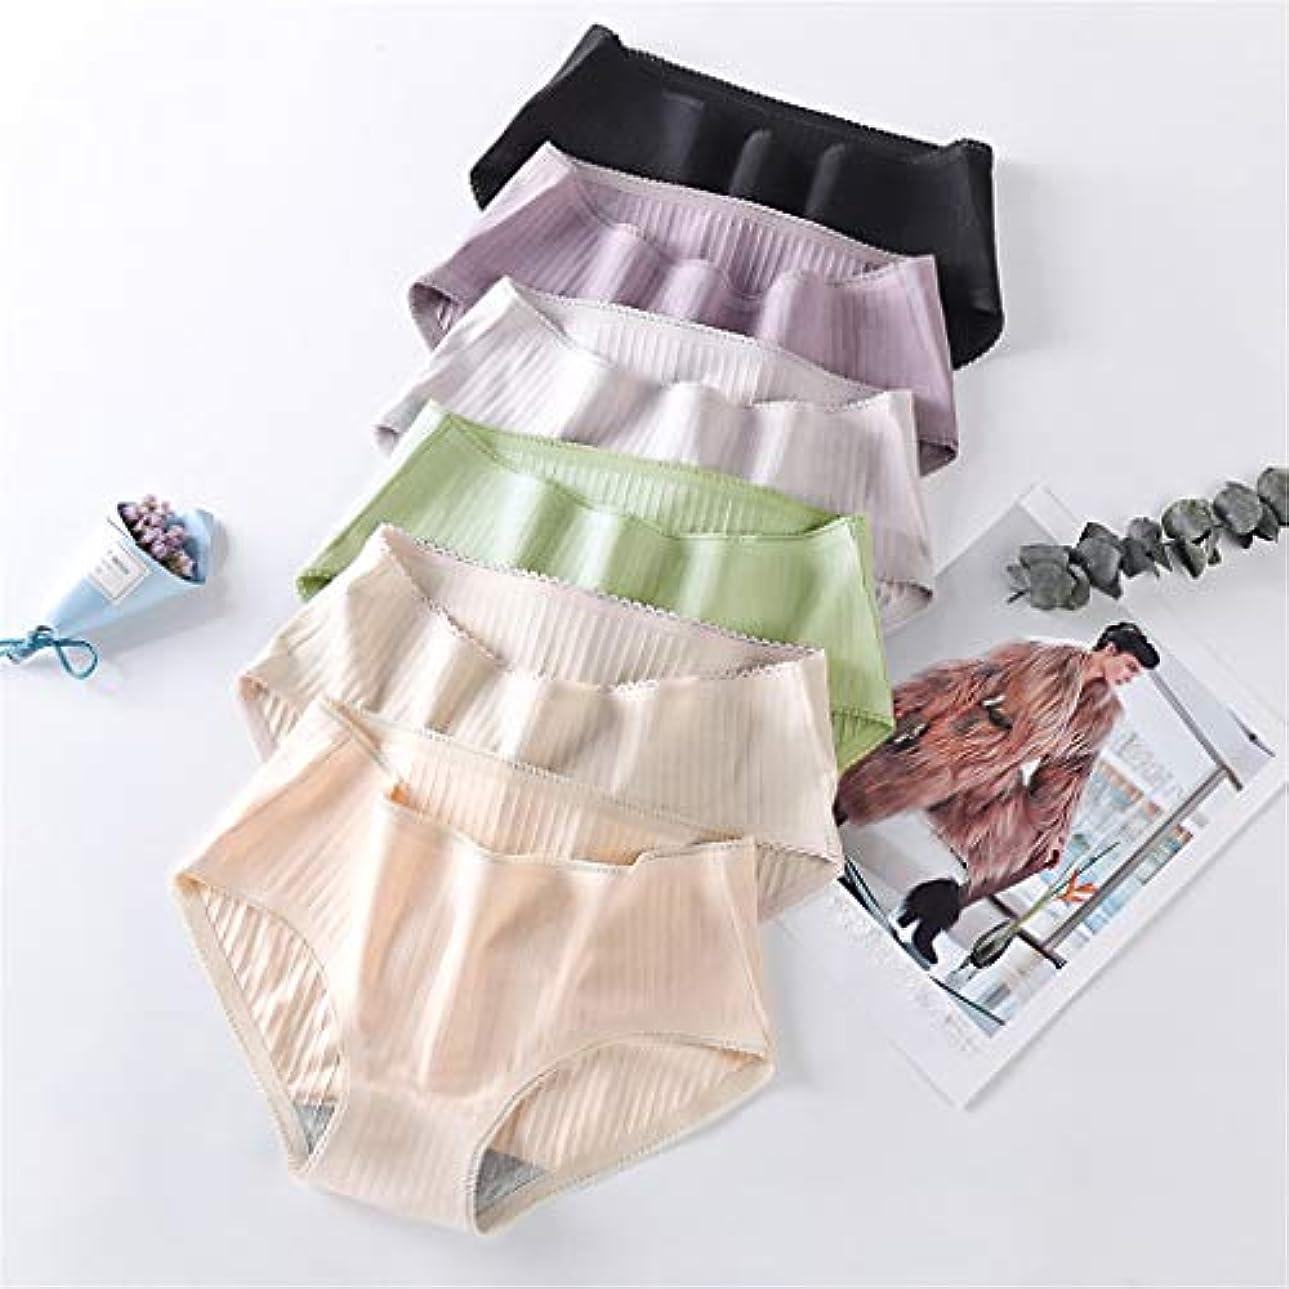 シームレス下着、女性用下着、新しい綿、ウエスト、セクシーなシームレス下着、女性用100%抗菌下着、高通気性ストレッチ、女性用下着 (ピンク, M)